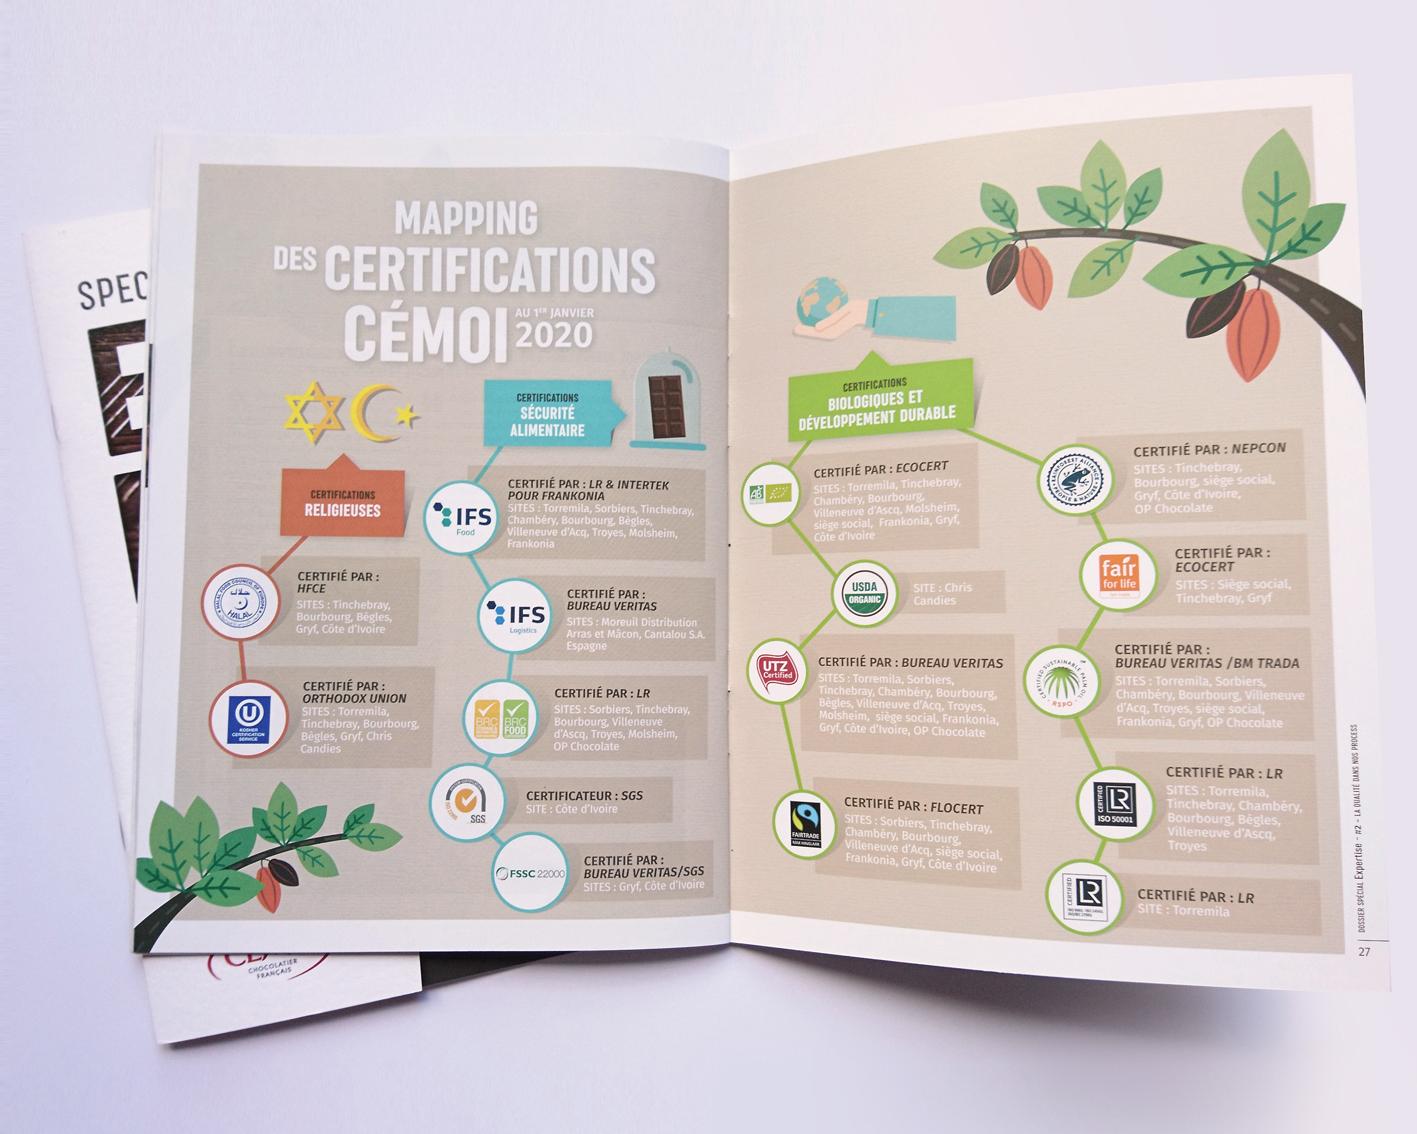 cemoi-livret-expertise2-image4.jpg